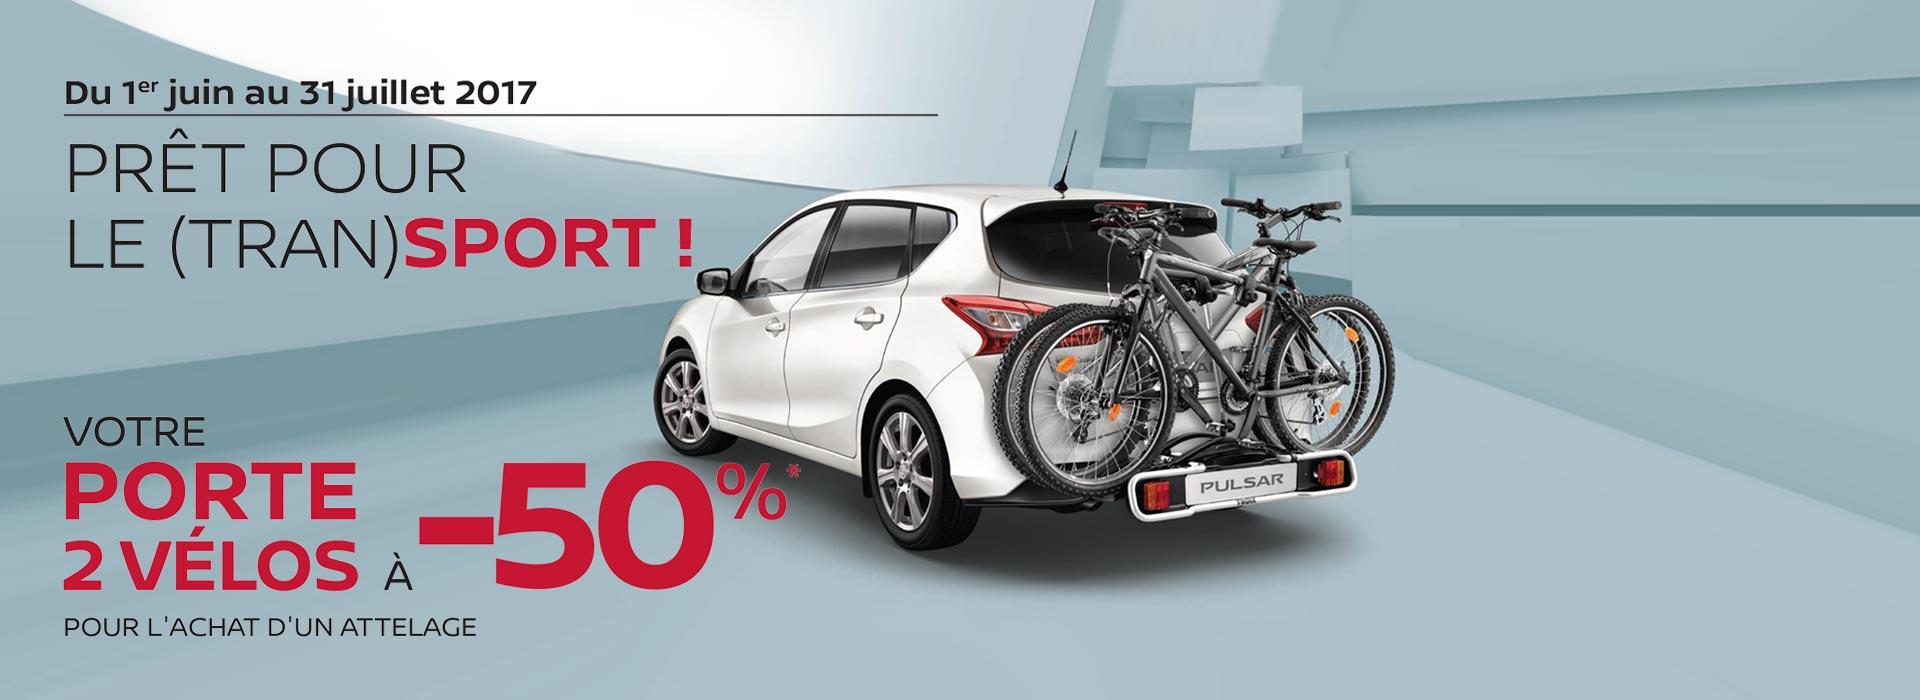 Offre Porte 2 vélos à 50%